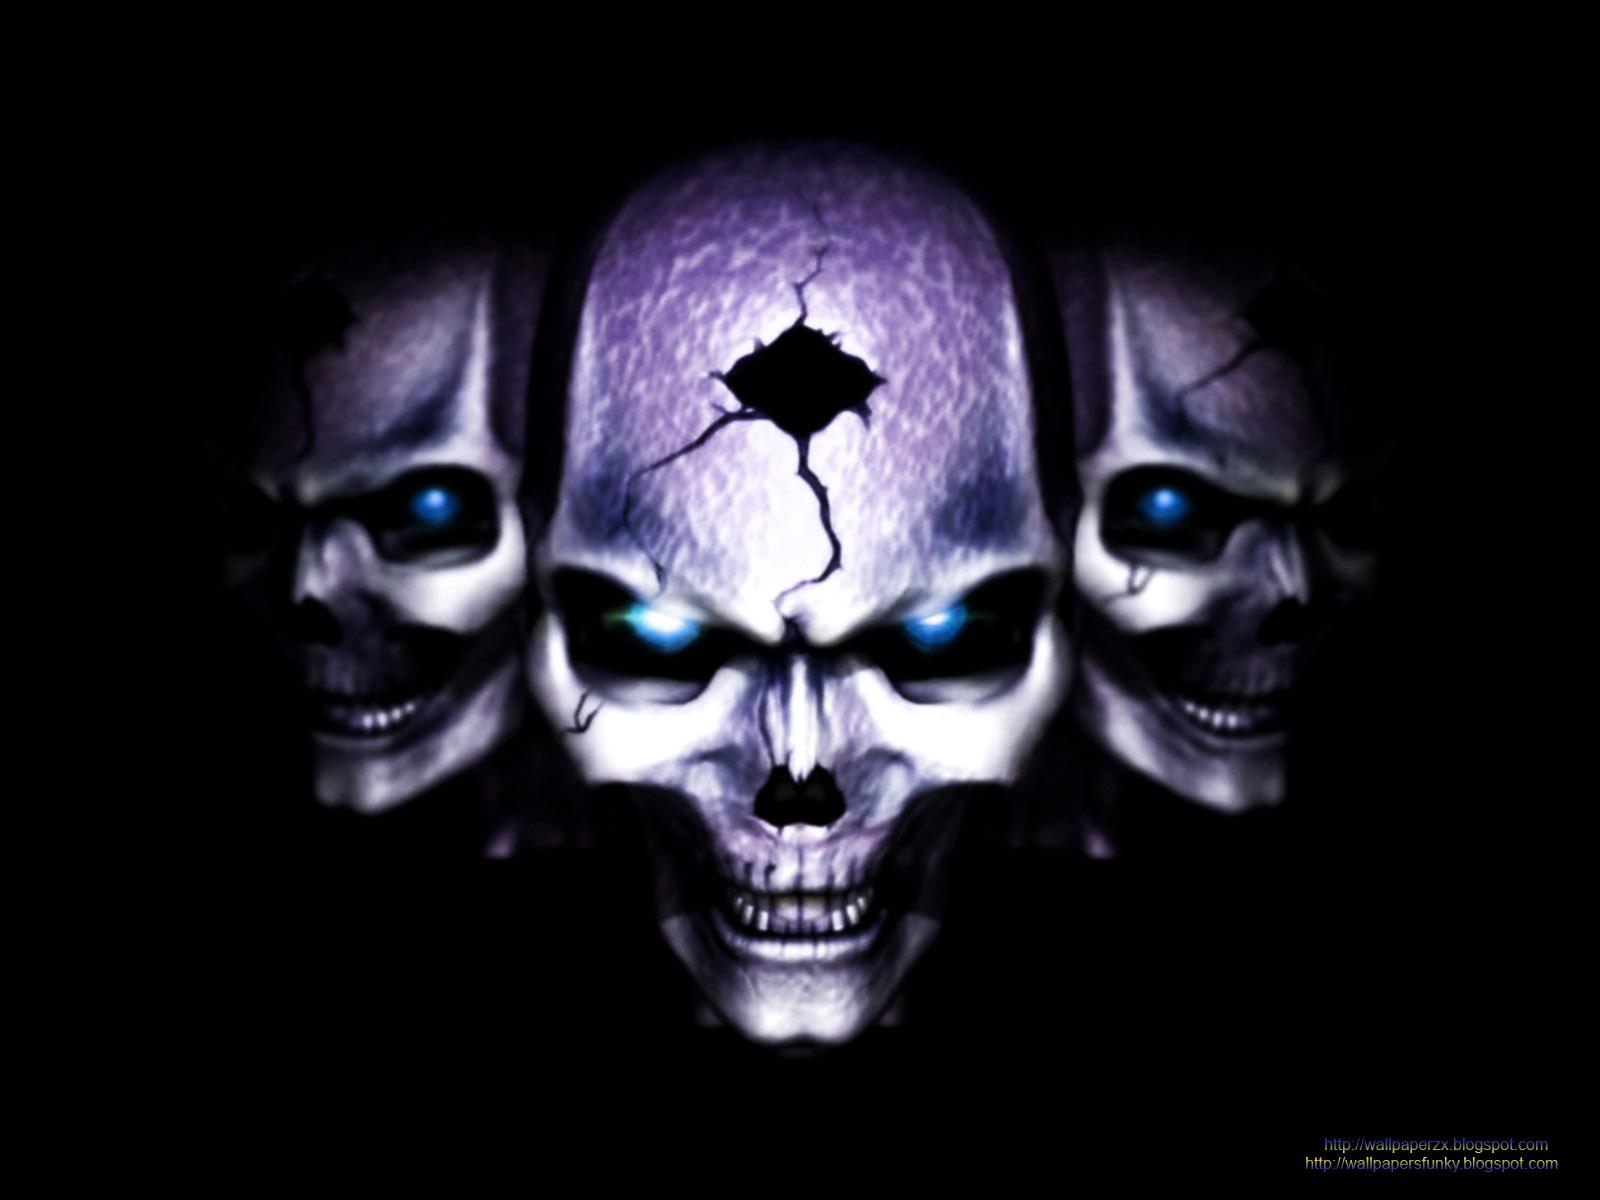 http://1.bp.blogspot.com/-xhOo_BaFcak/TY7uQ4vEQ4I/AAAAAAAAIh8/mFgXyZ3P4Kw/s1600/wxp+%252818%2529.jpg